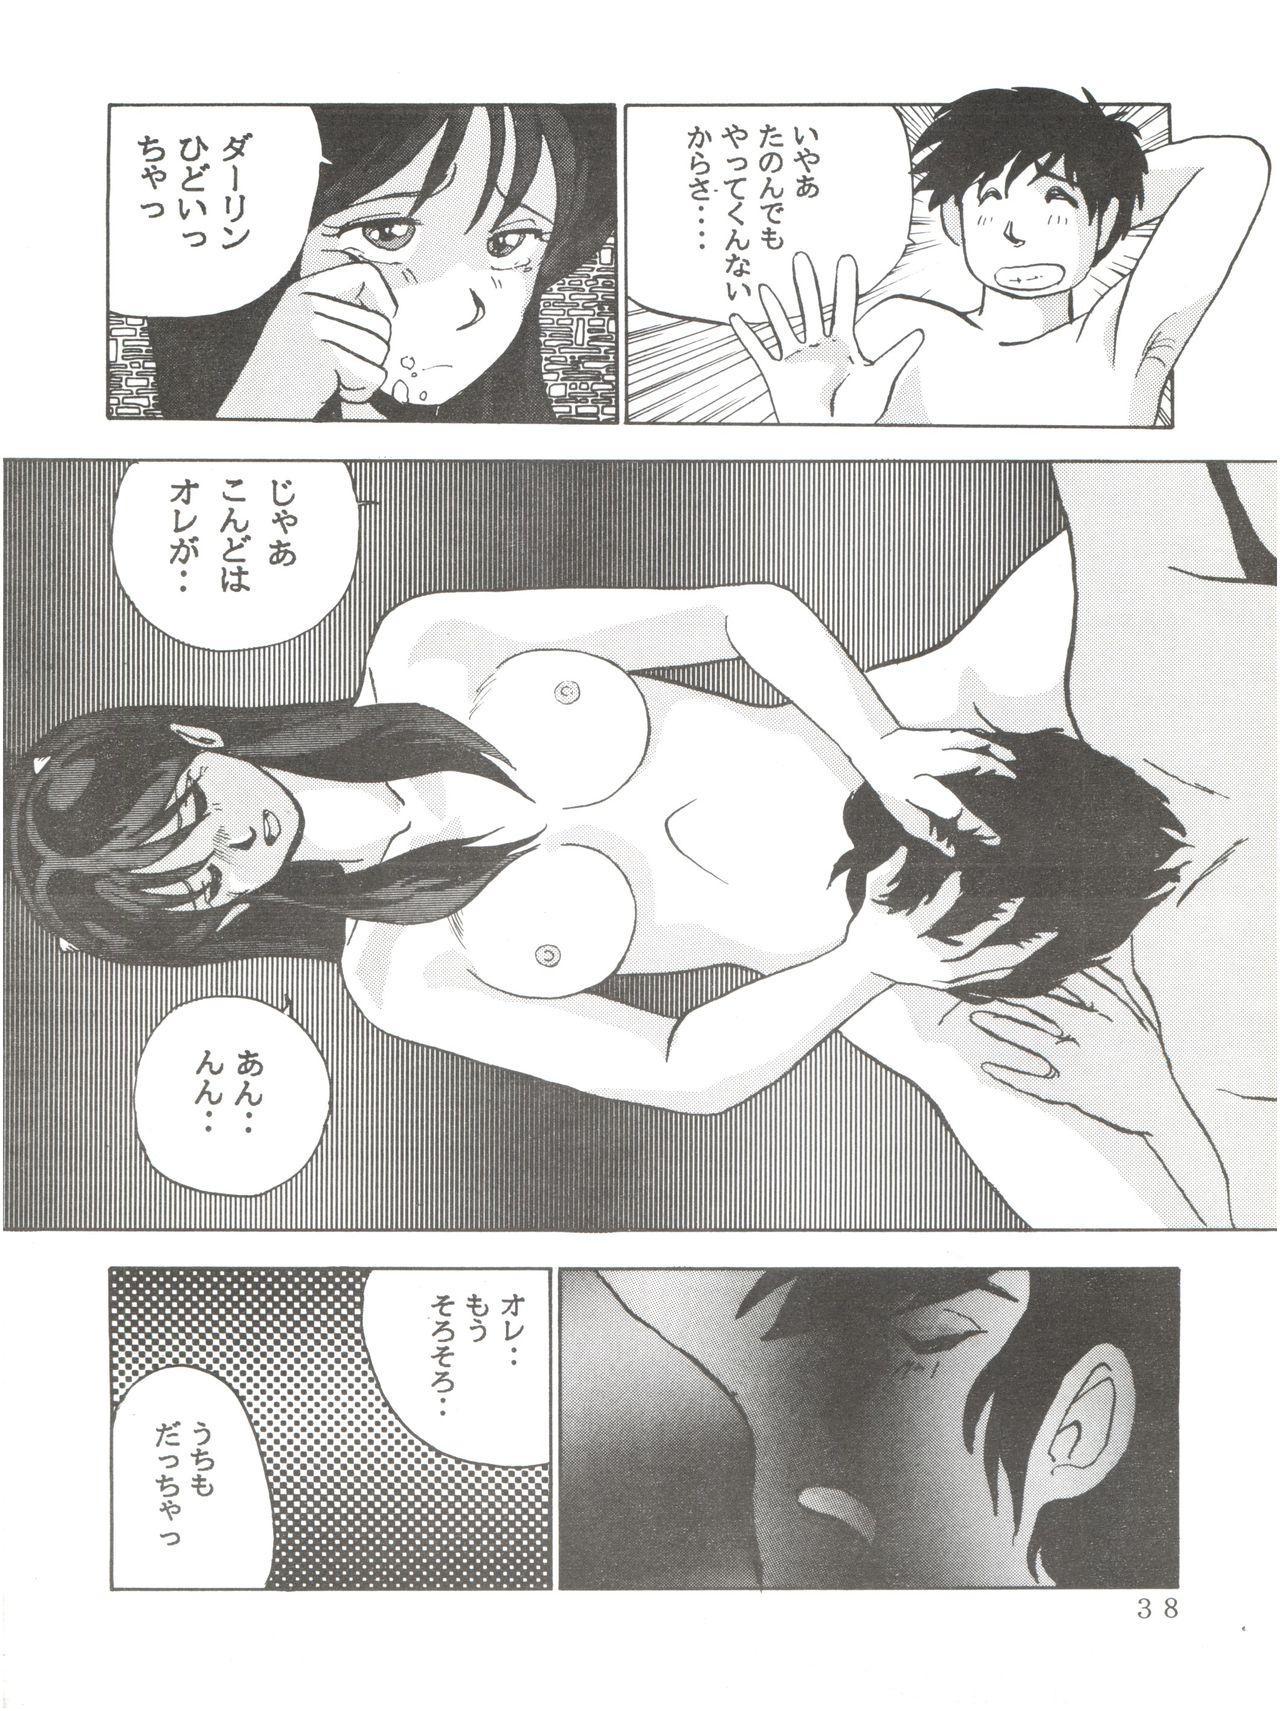 Animedorei 38